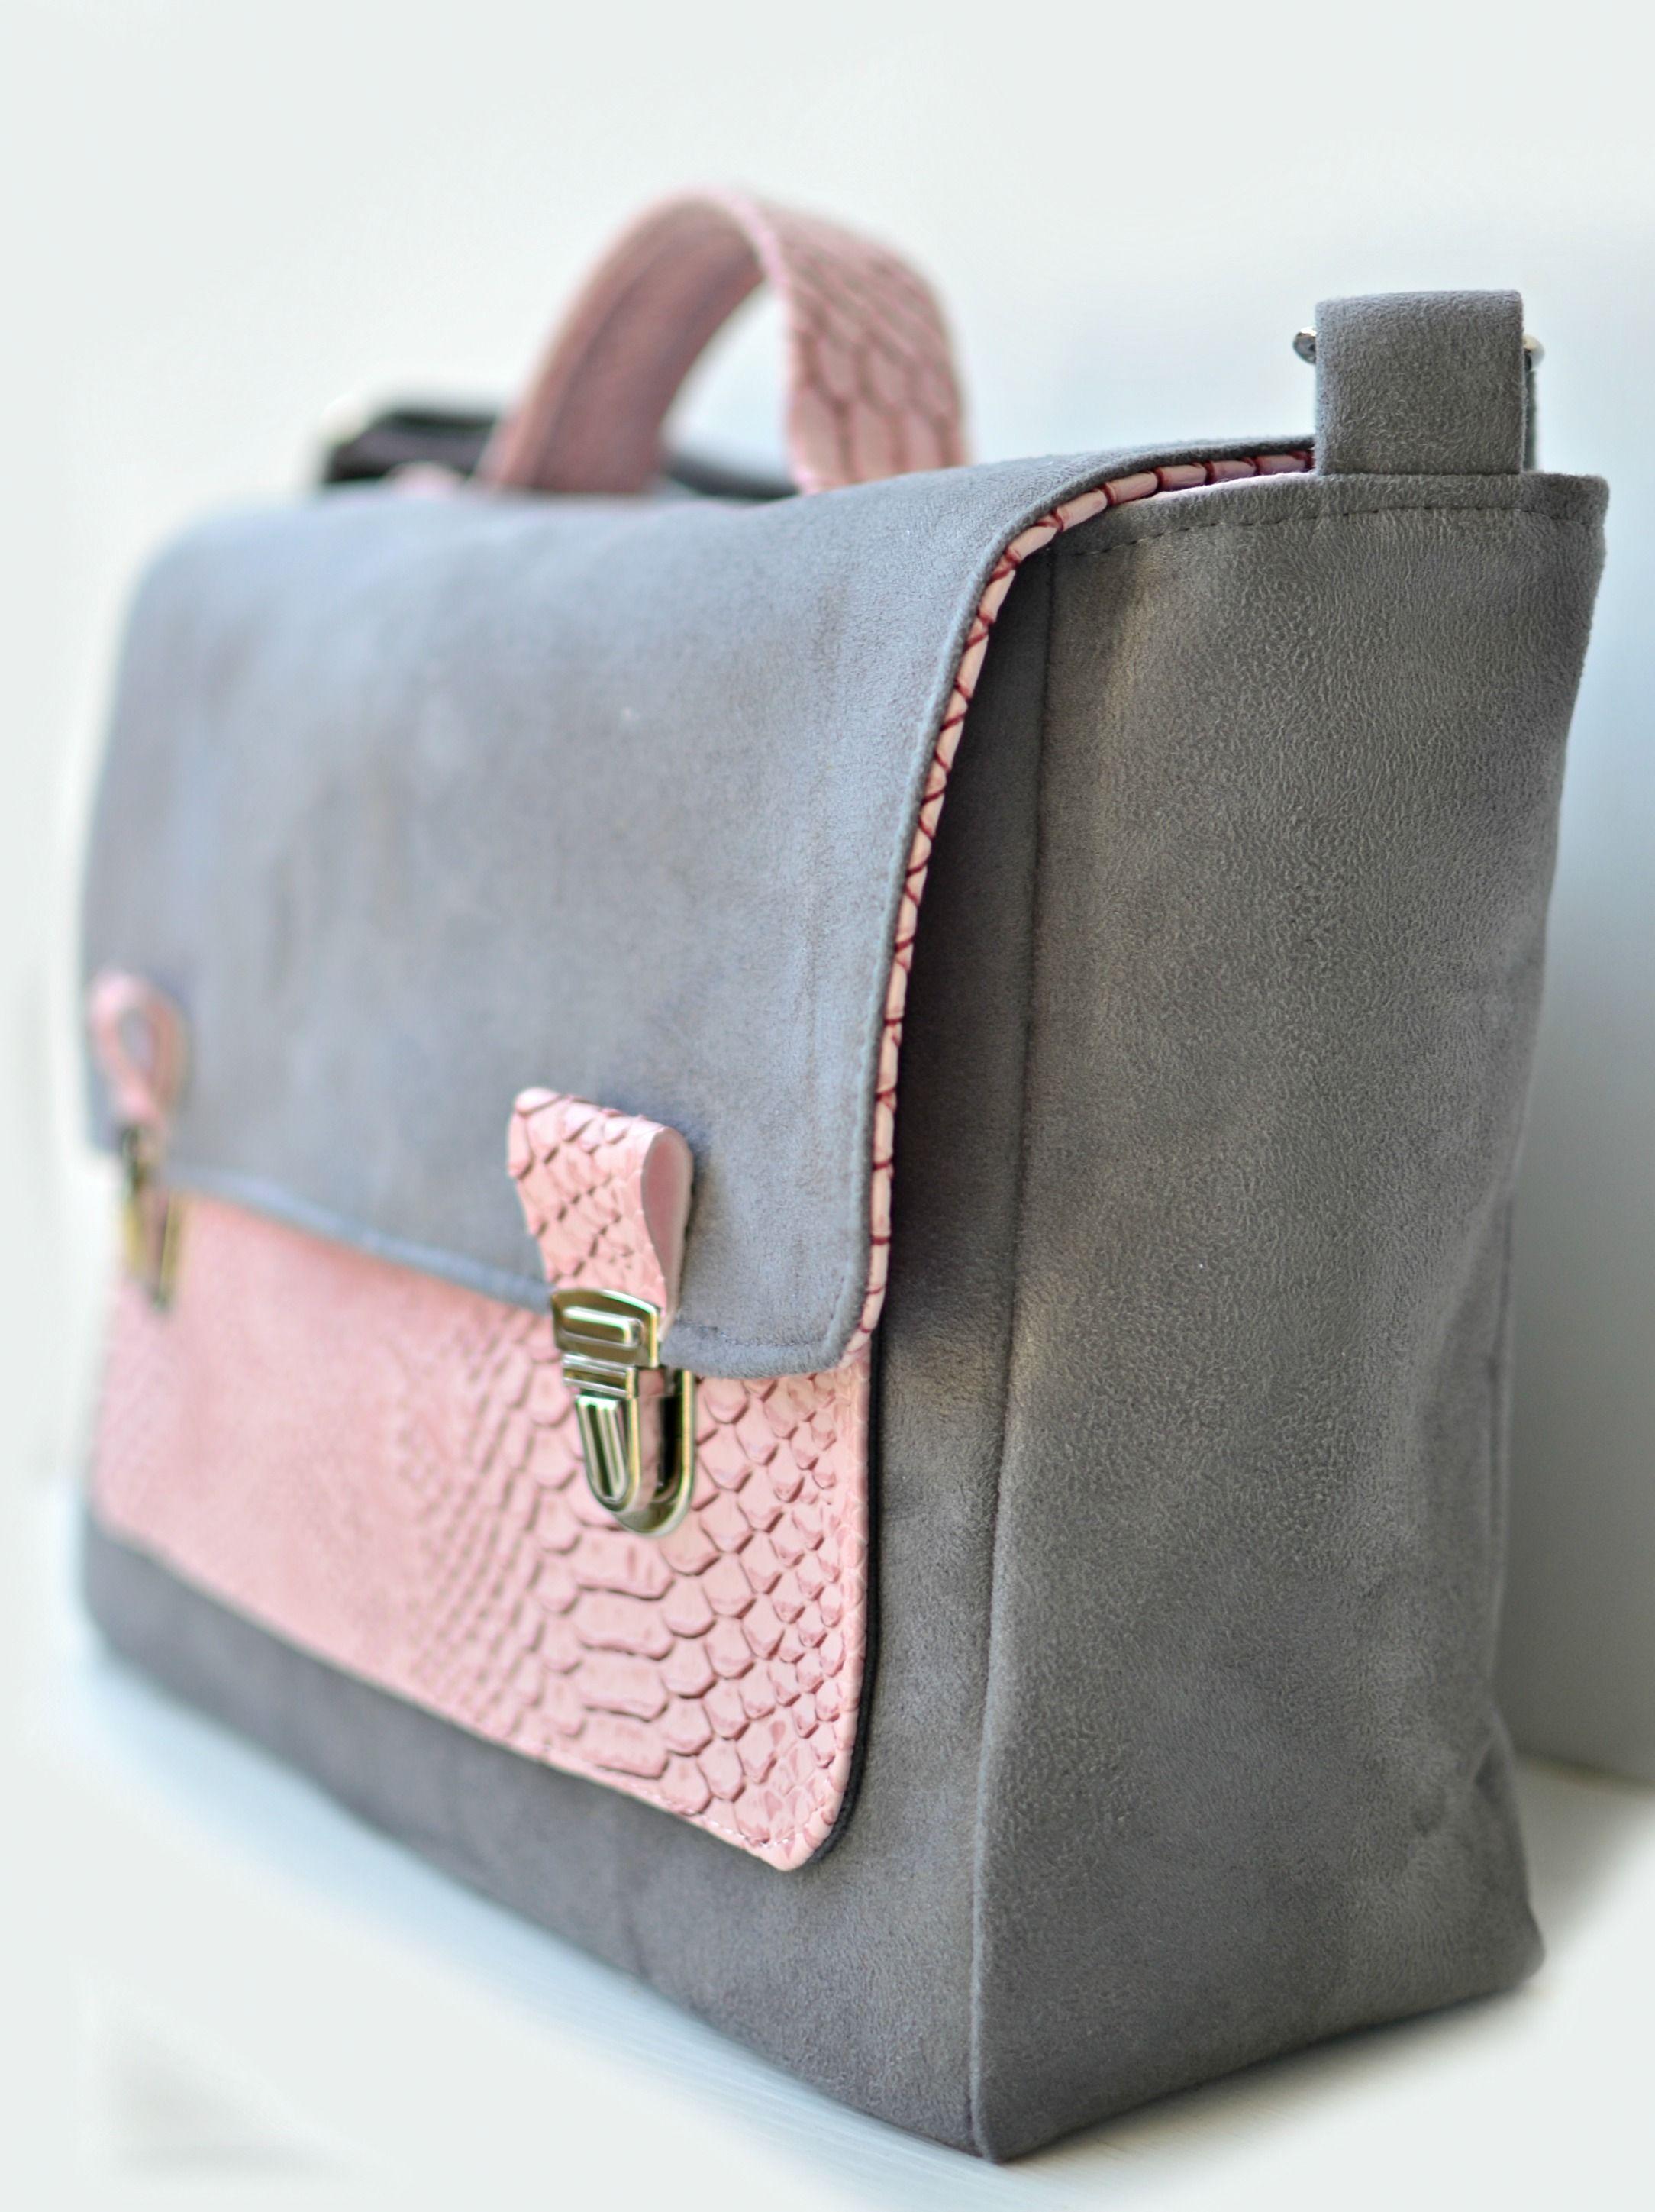 88b89b5d60 Cartable femme / woman briefcase. Suédine grise & rose poudré. http:/